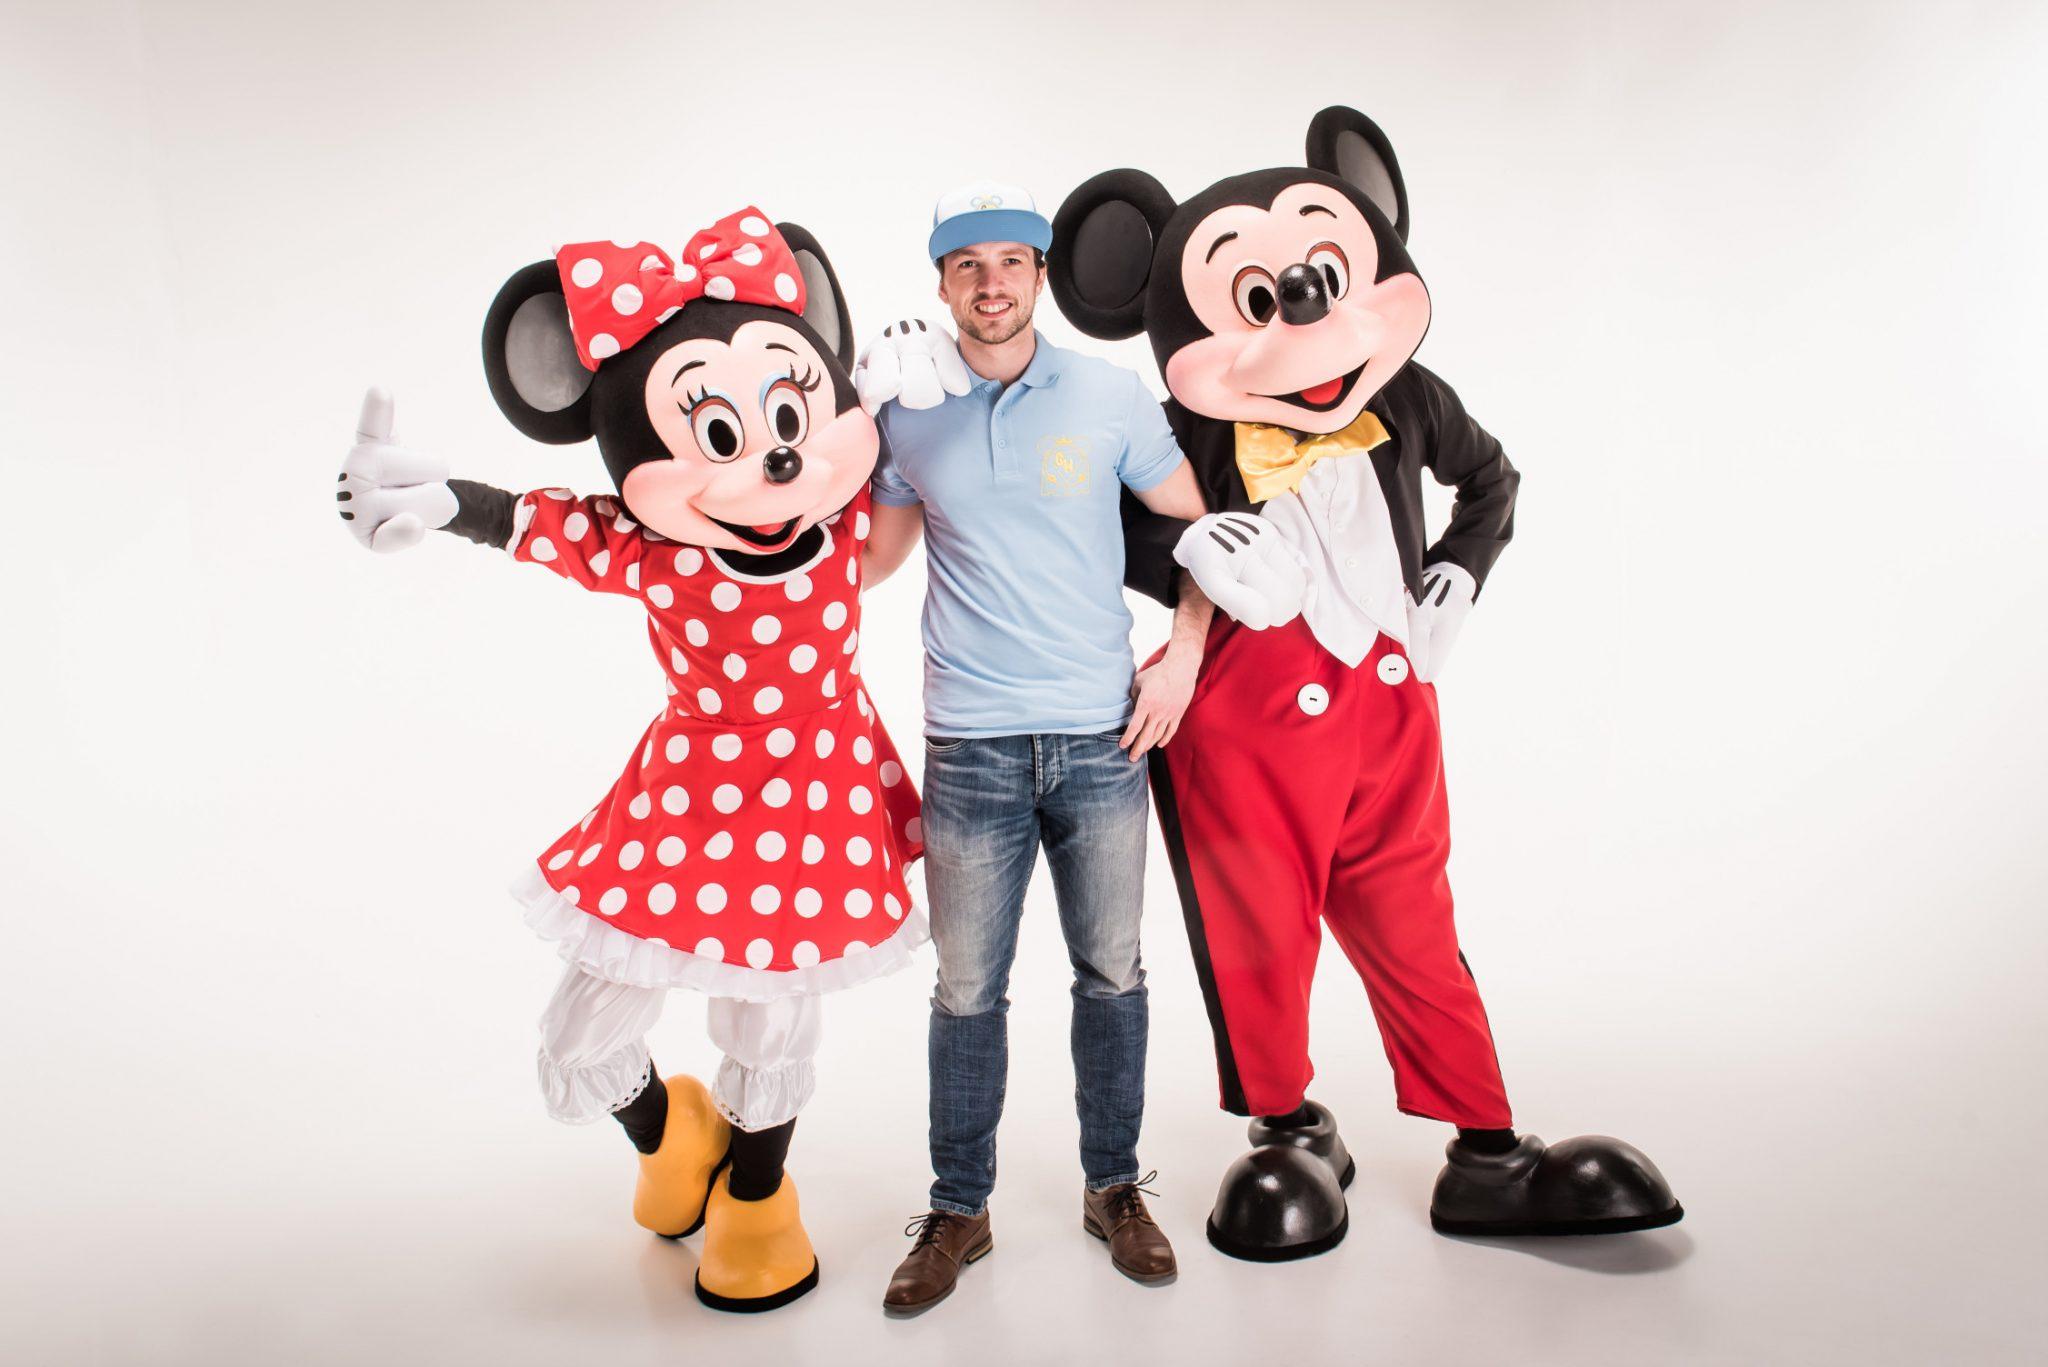 Mrs. Mouse und Mr. Mouse mit einem Geburtstagsheldenhelfer in ihrer Mitte. Vermutlich auf dem Weg zu einer Mottoparty!